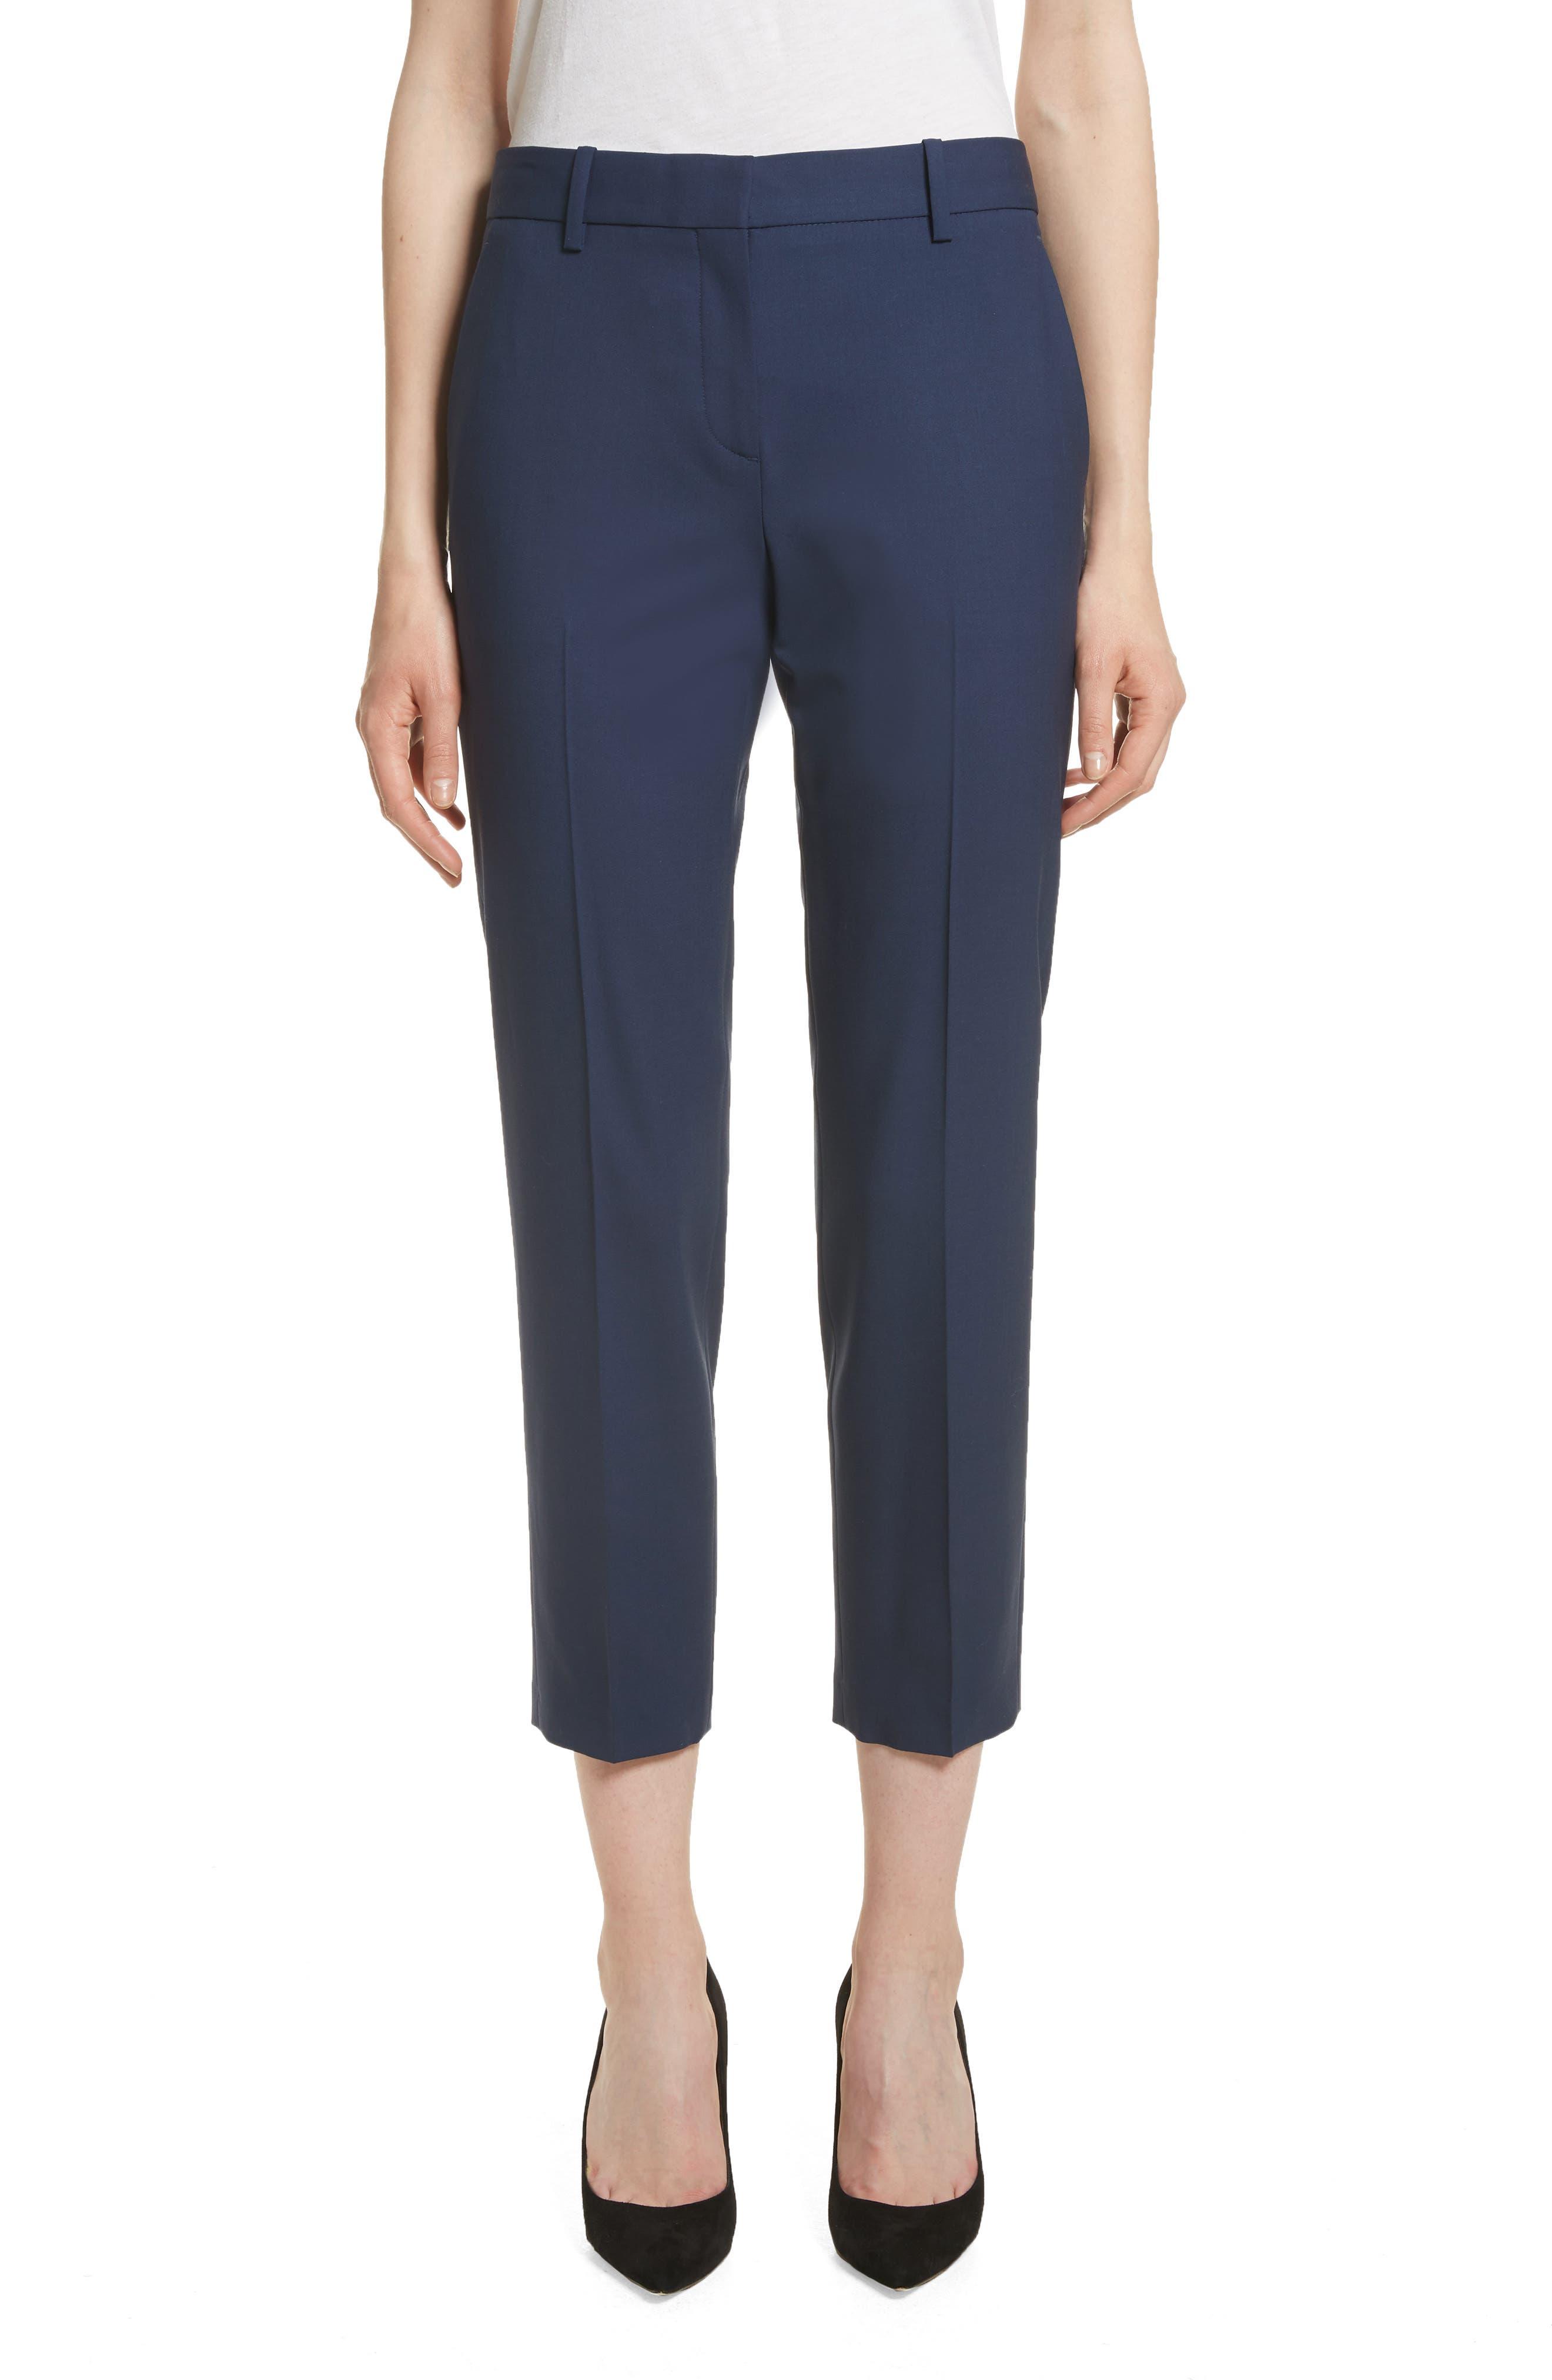 Treeca 2 Good Wool Crop Suit Pants,                         Main,                         color, Sea Blue